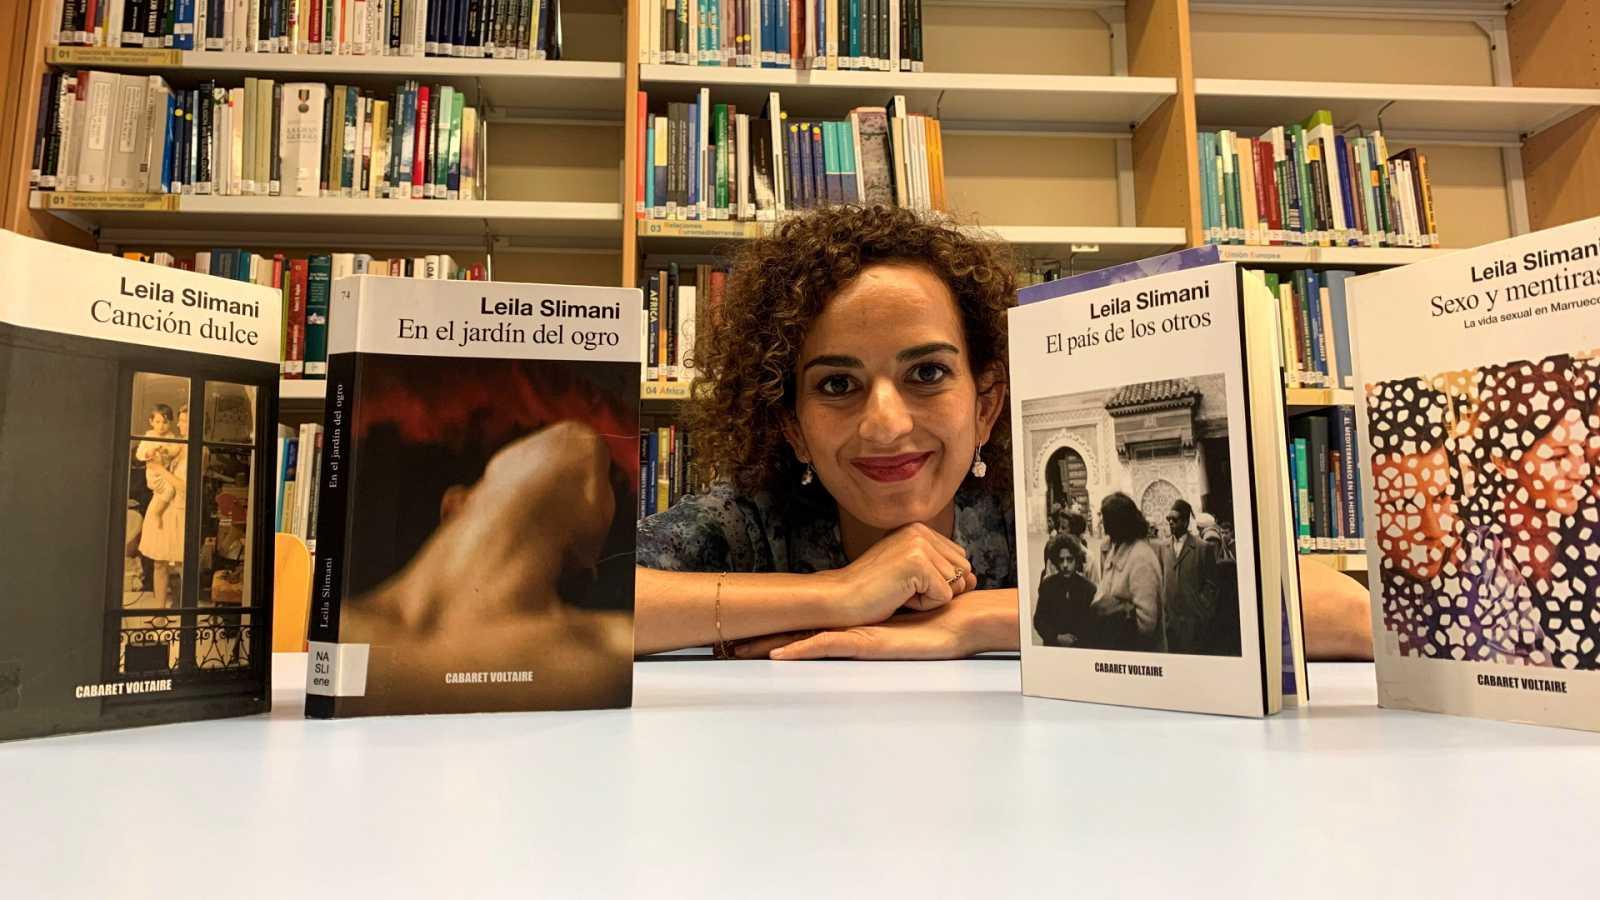 La escritora francomarroquí Leïla Slimani publica 'El país de los otros'